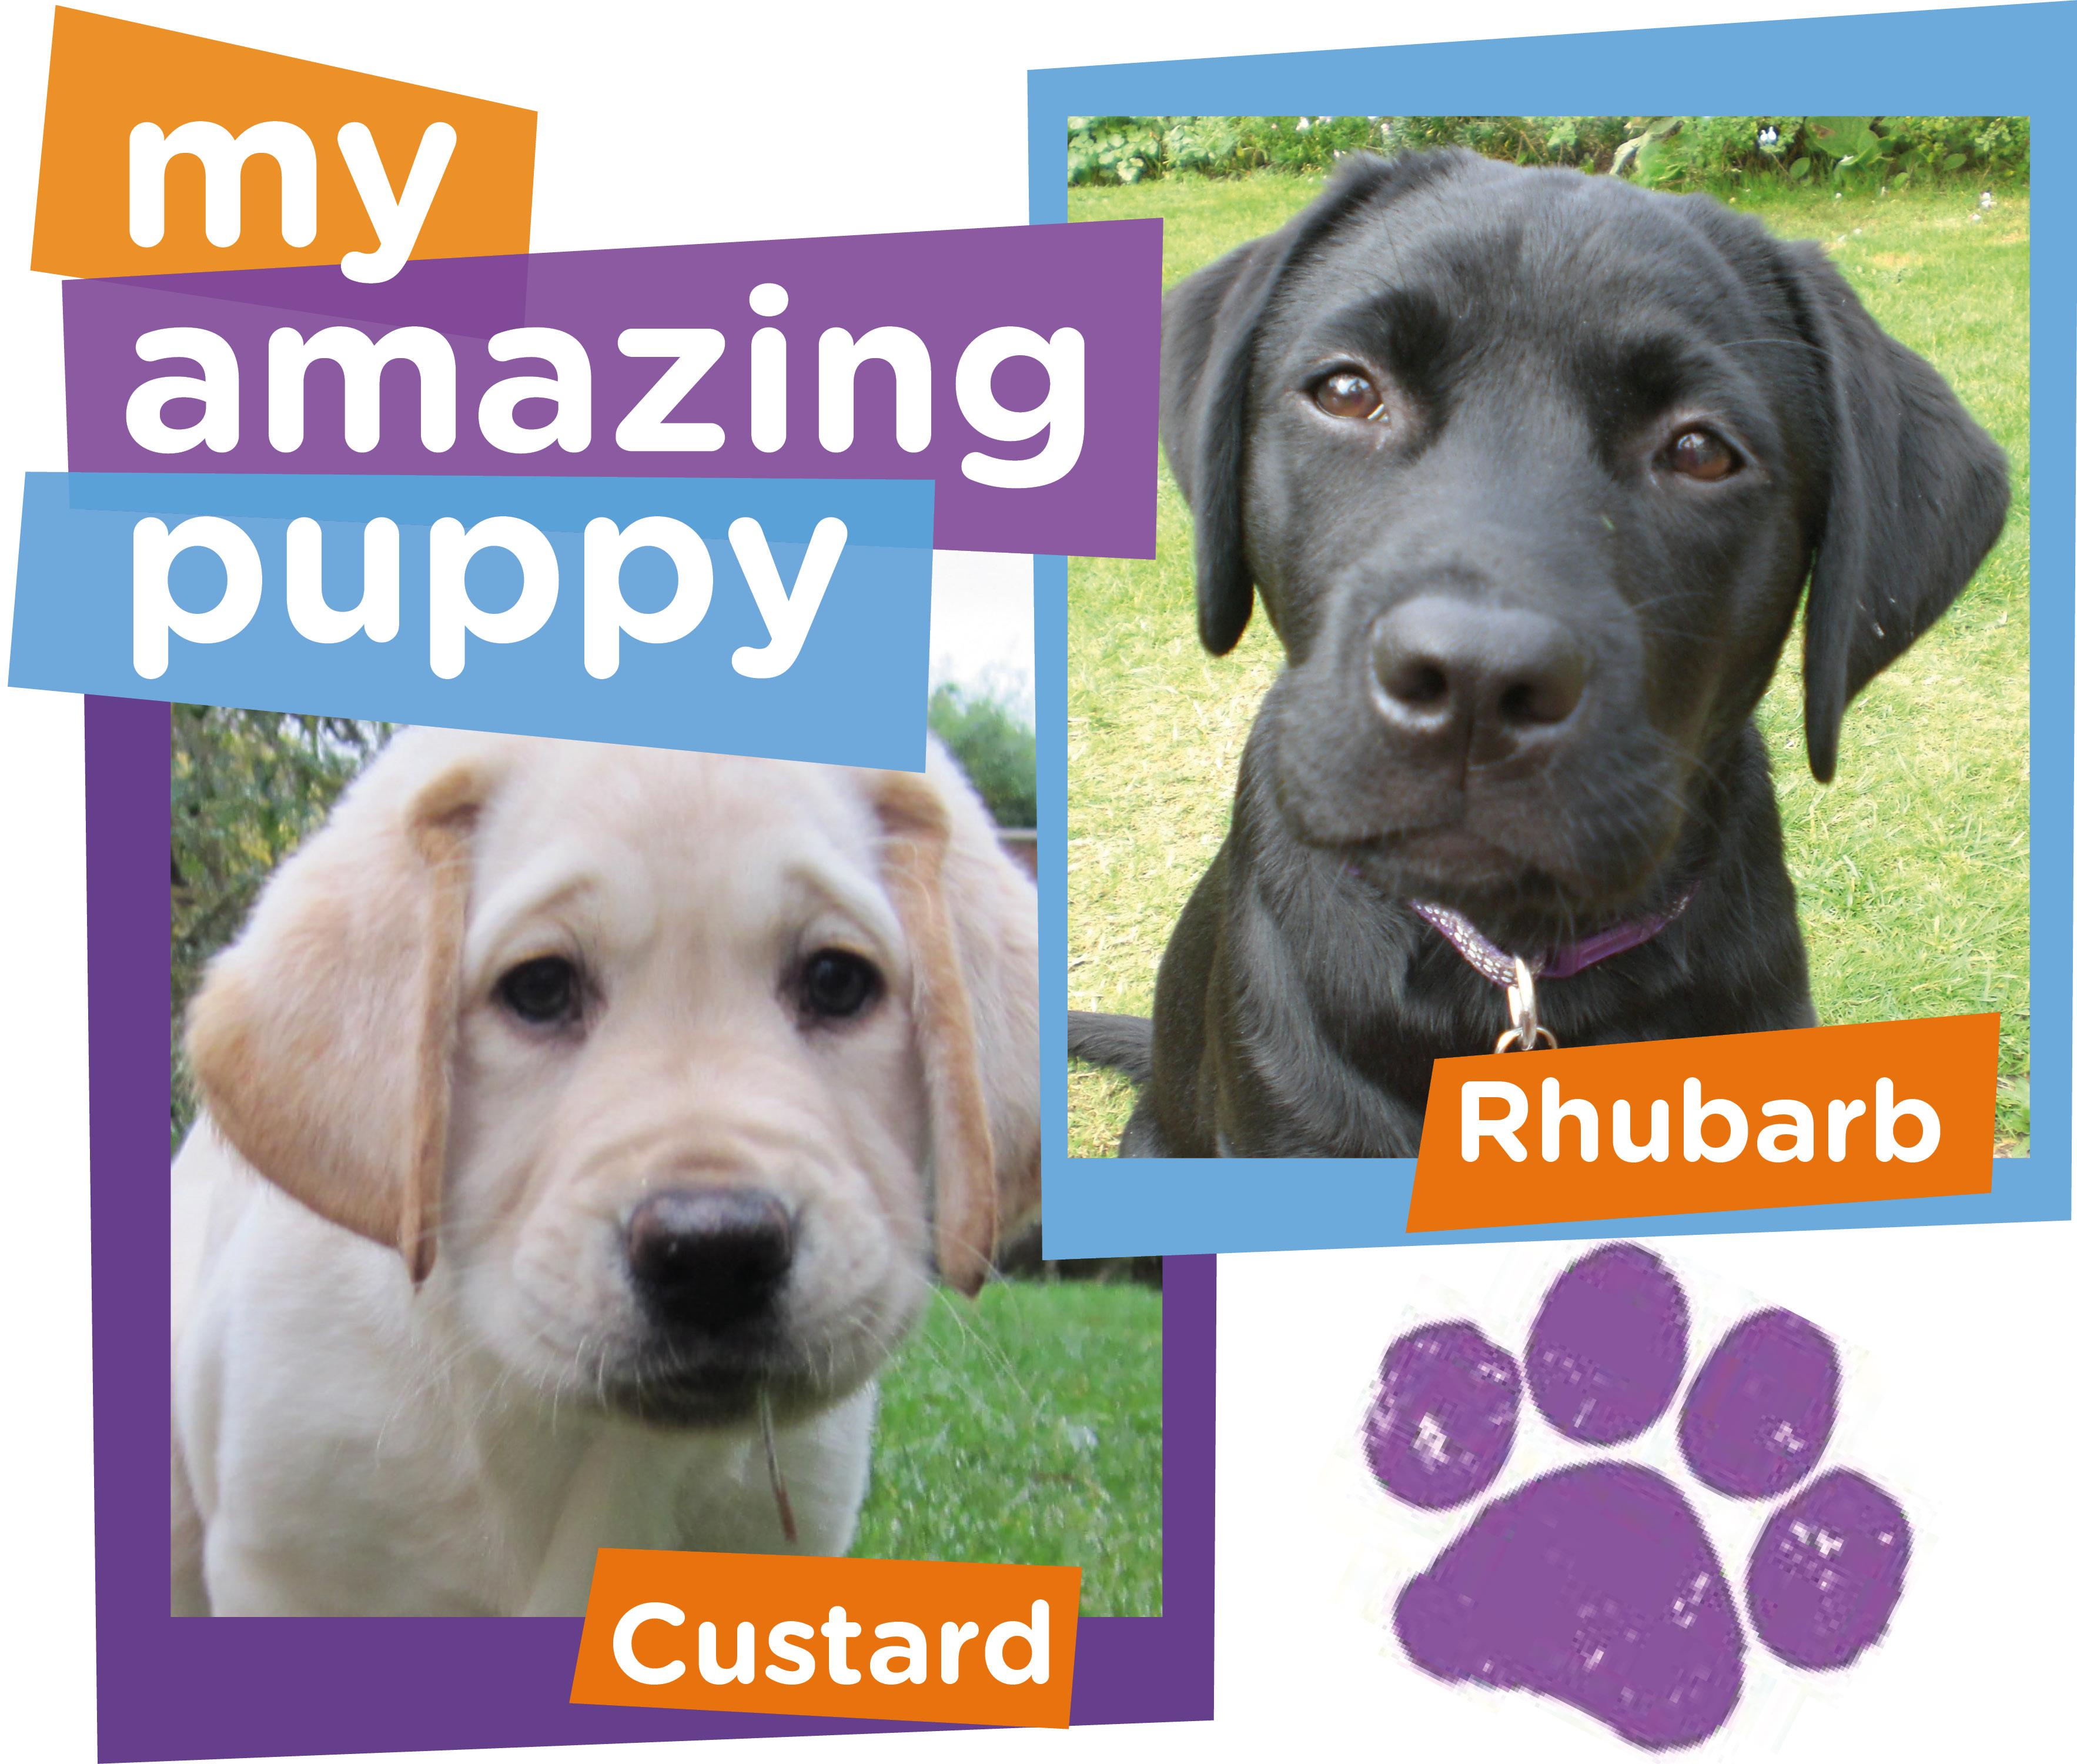 Rhubarb or Custard, your My Amazing Puppy choice